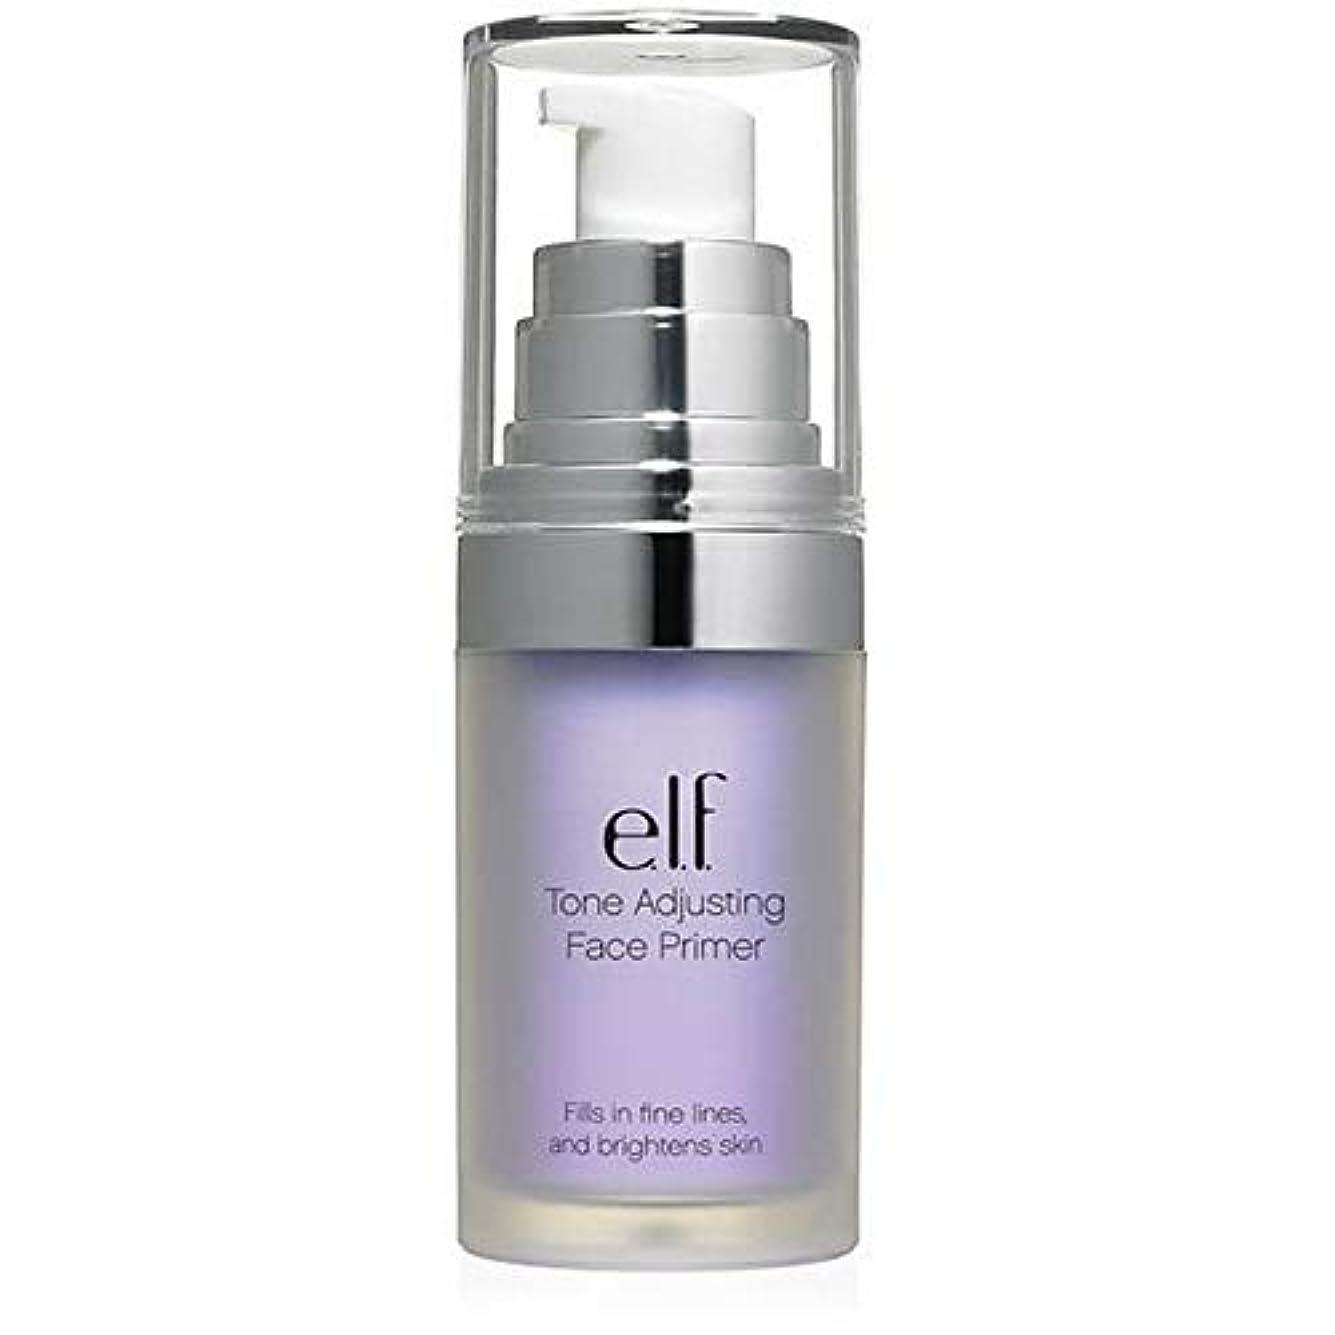 無効にするポイント給料[Elf ] エルフ。ラベンダー403を明るくトーン調整顔プライマー - e.l.f. Tone Adjusting Face Primer Brightening Lavender 403 [並行輸入品]